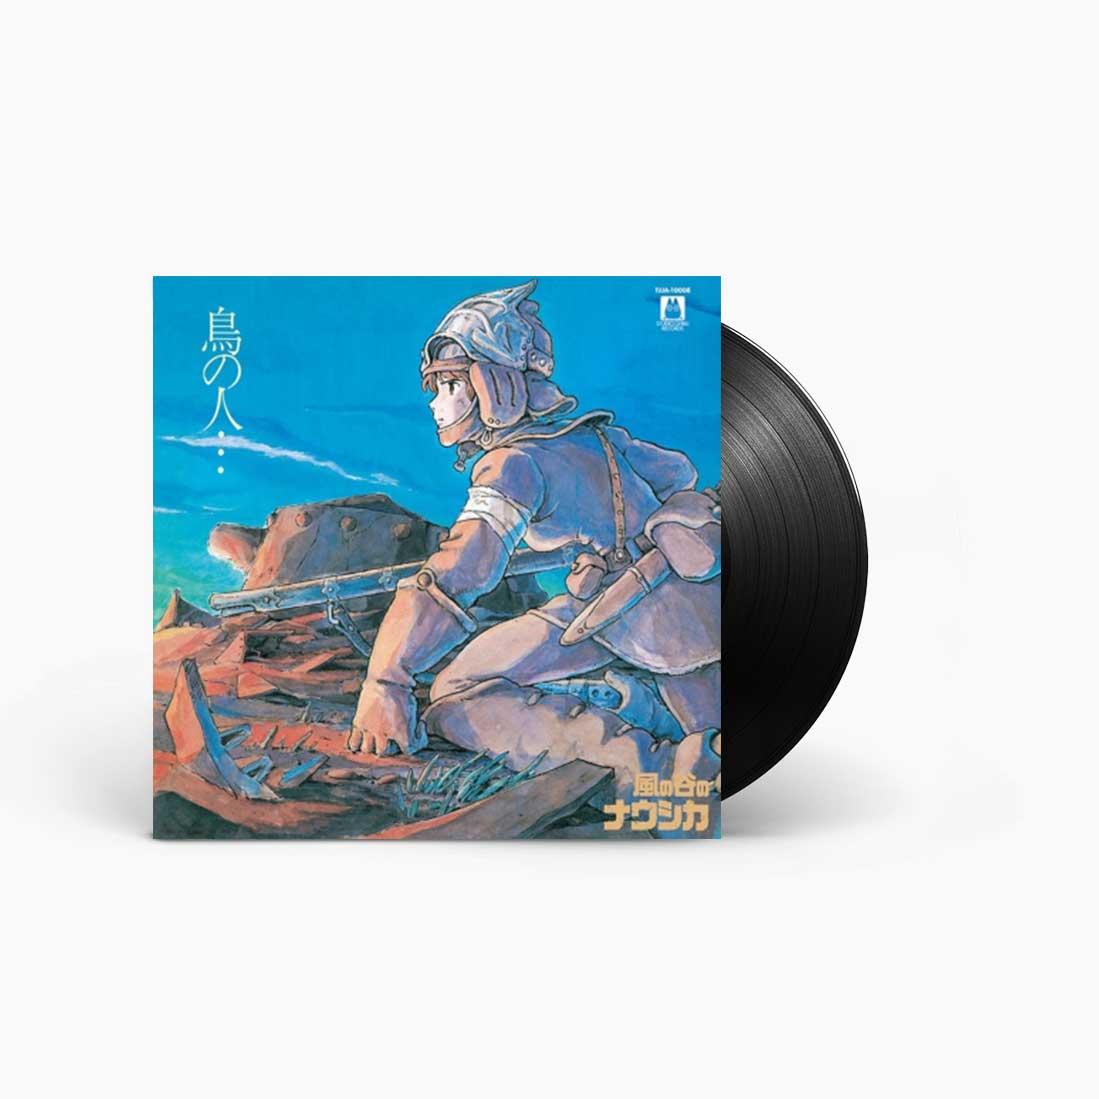 unun-Joe-Hisaish-vinyl-cover_t-9.jpg